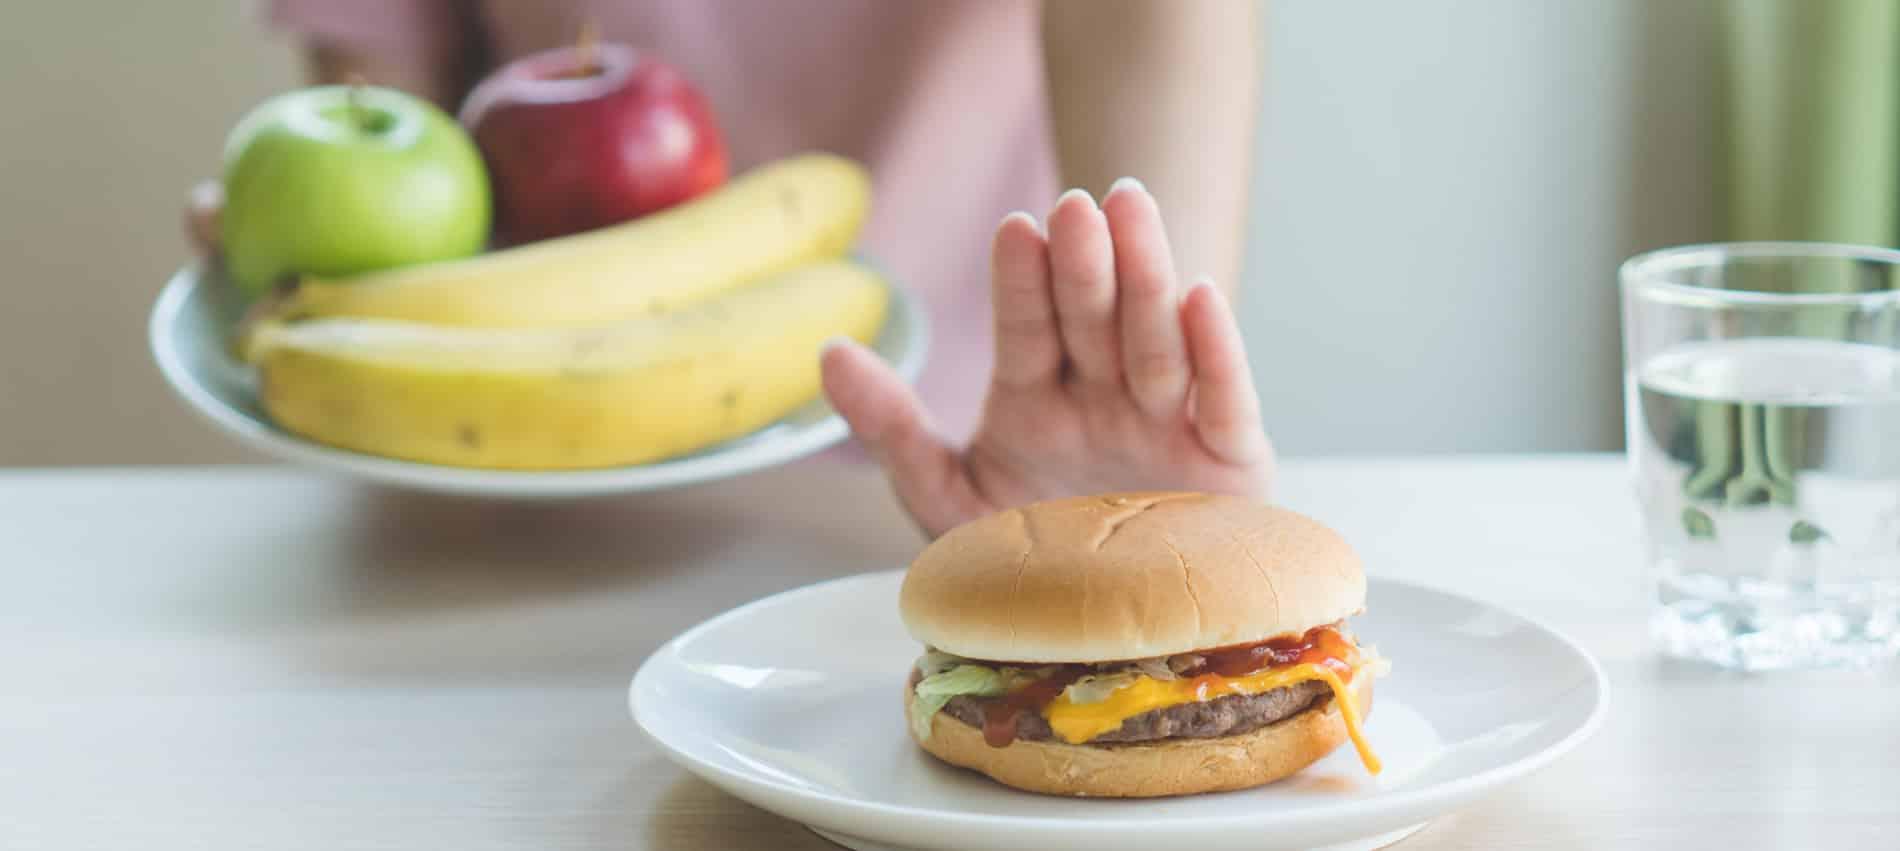 Quel fromage devriez-vous manger lorsque vous avez des triglycérides?